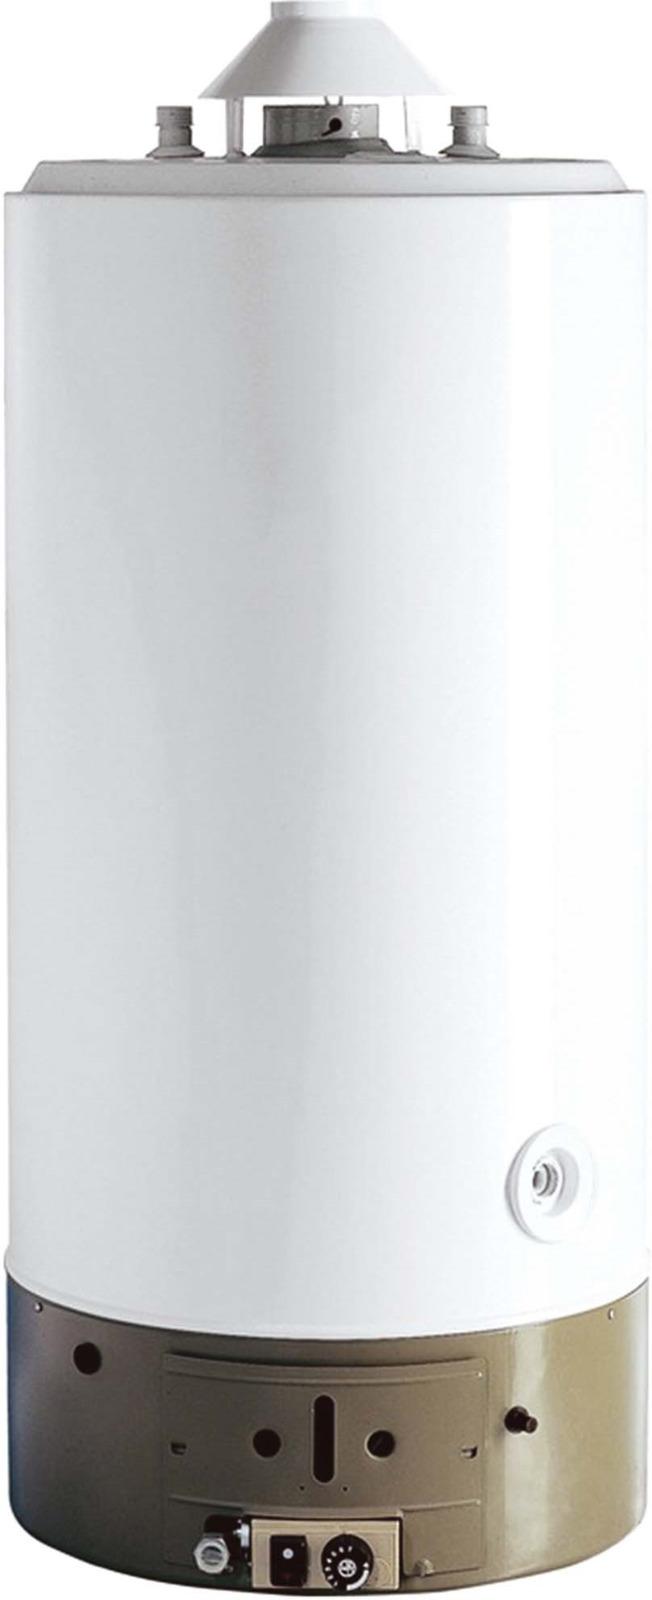 Газовая колонка Ariston SGA 120, накопительная, 115 л, белый газовая колонка ariston sga 120 накопительная 115 л белый